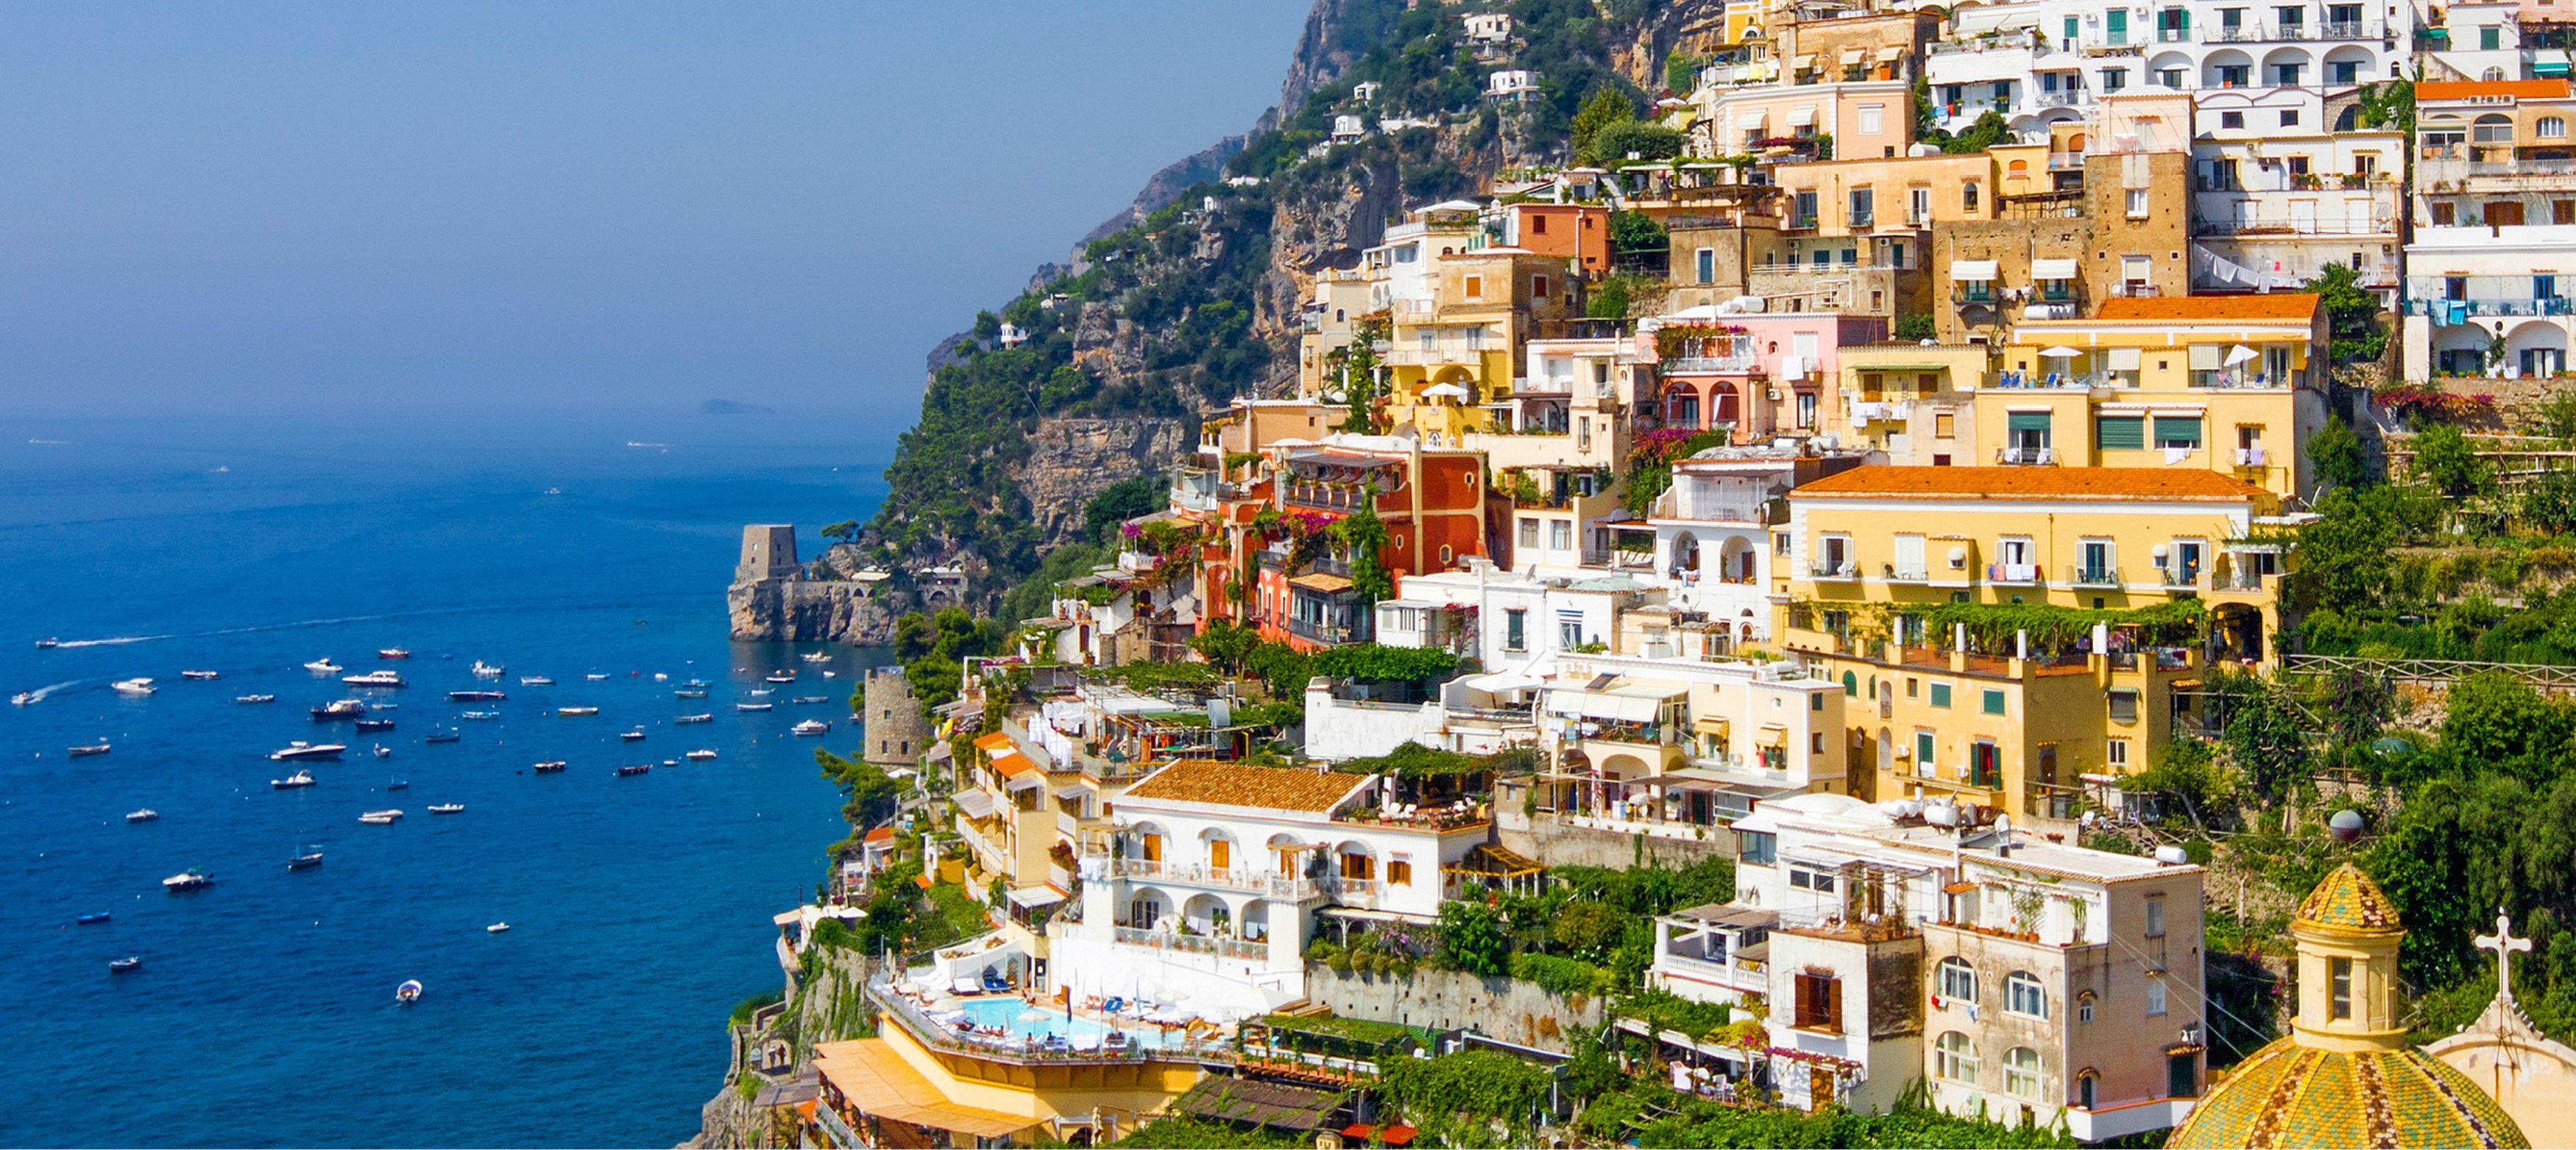 vacker vy över amalfi stad med sina färgglada hus vid havet